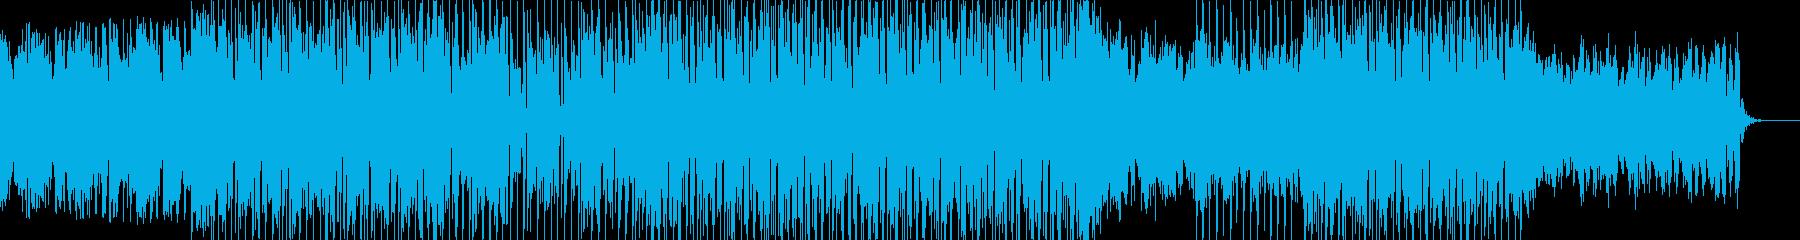 ローファイで近未来的で心地良いテクノの再生済みの波形